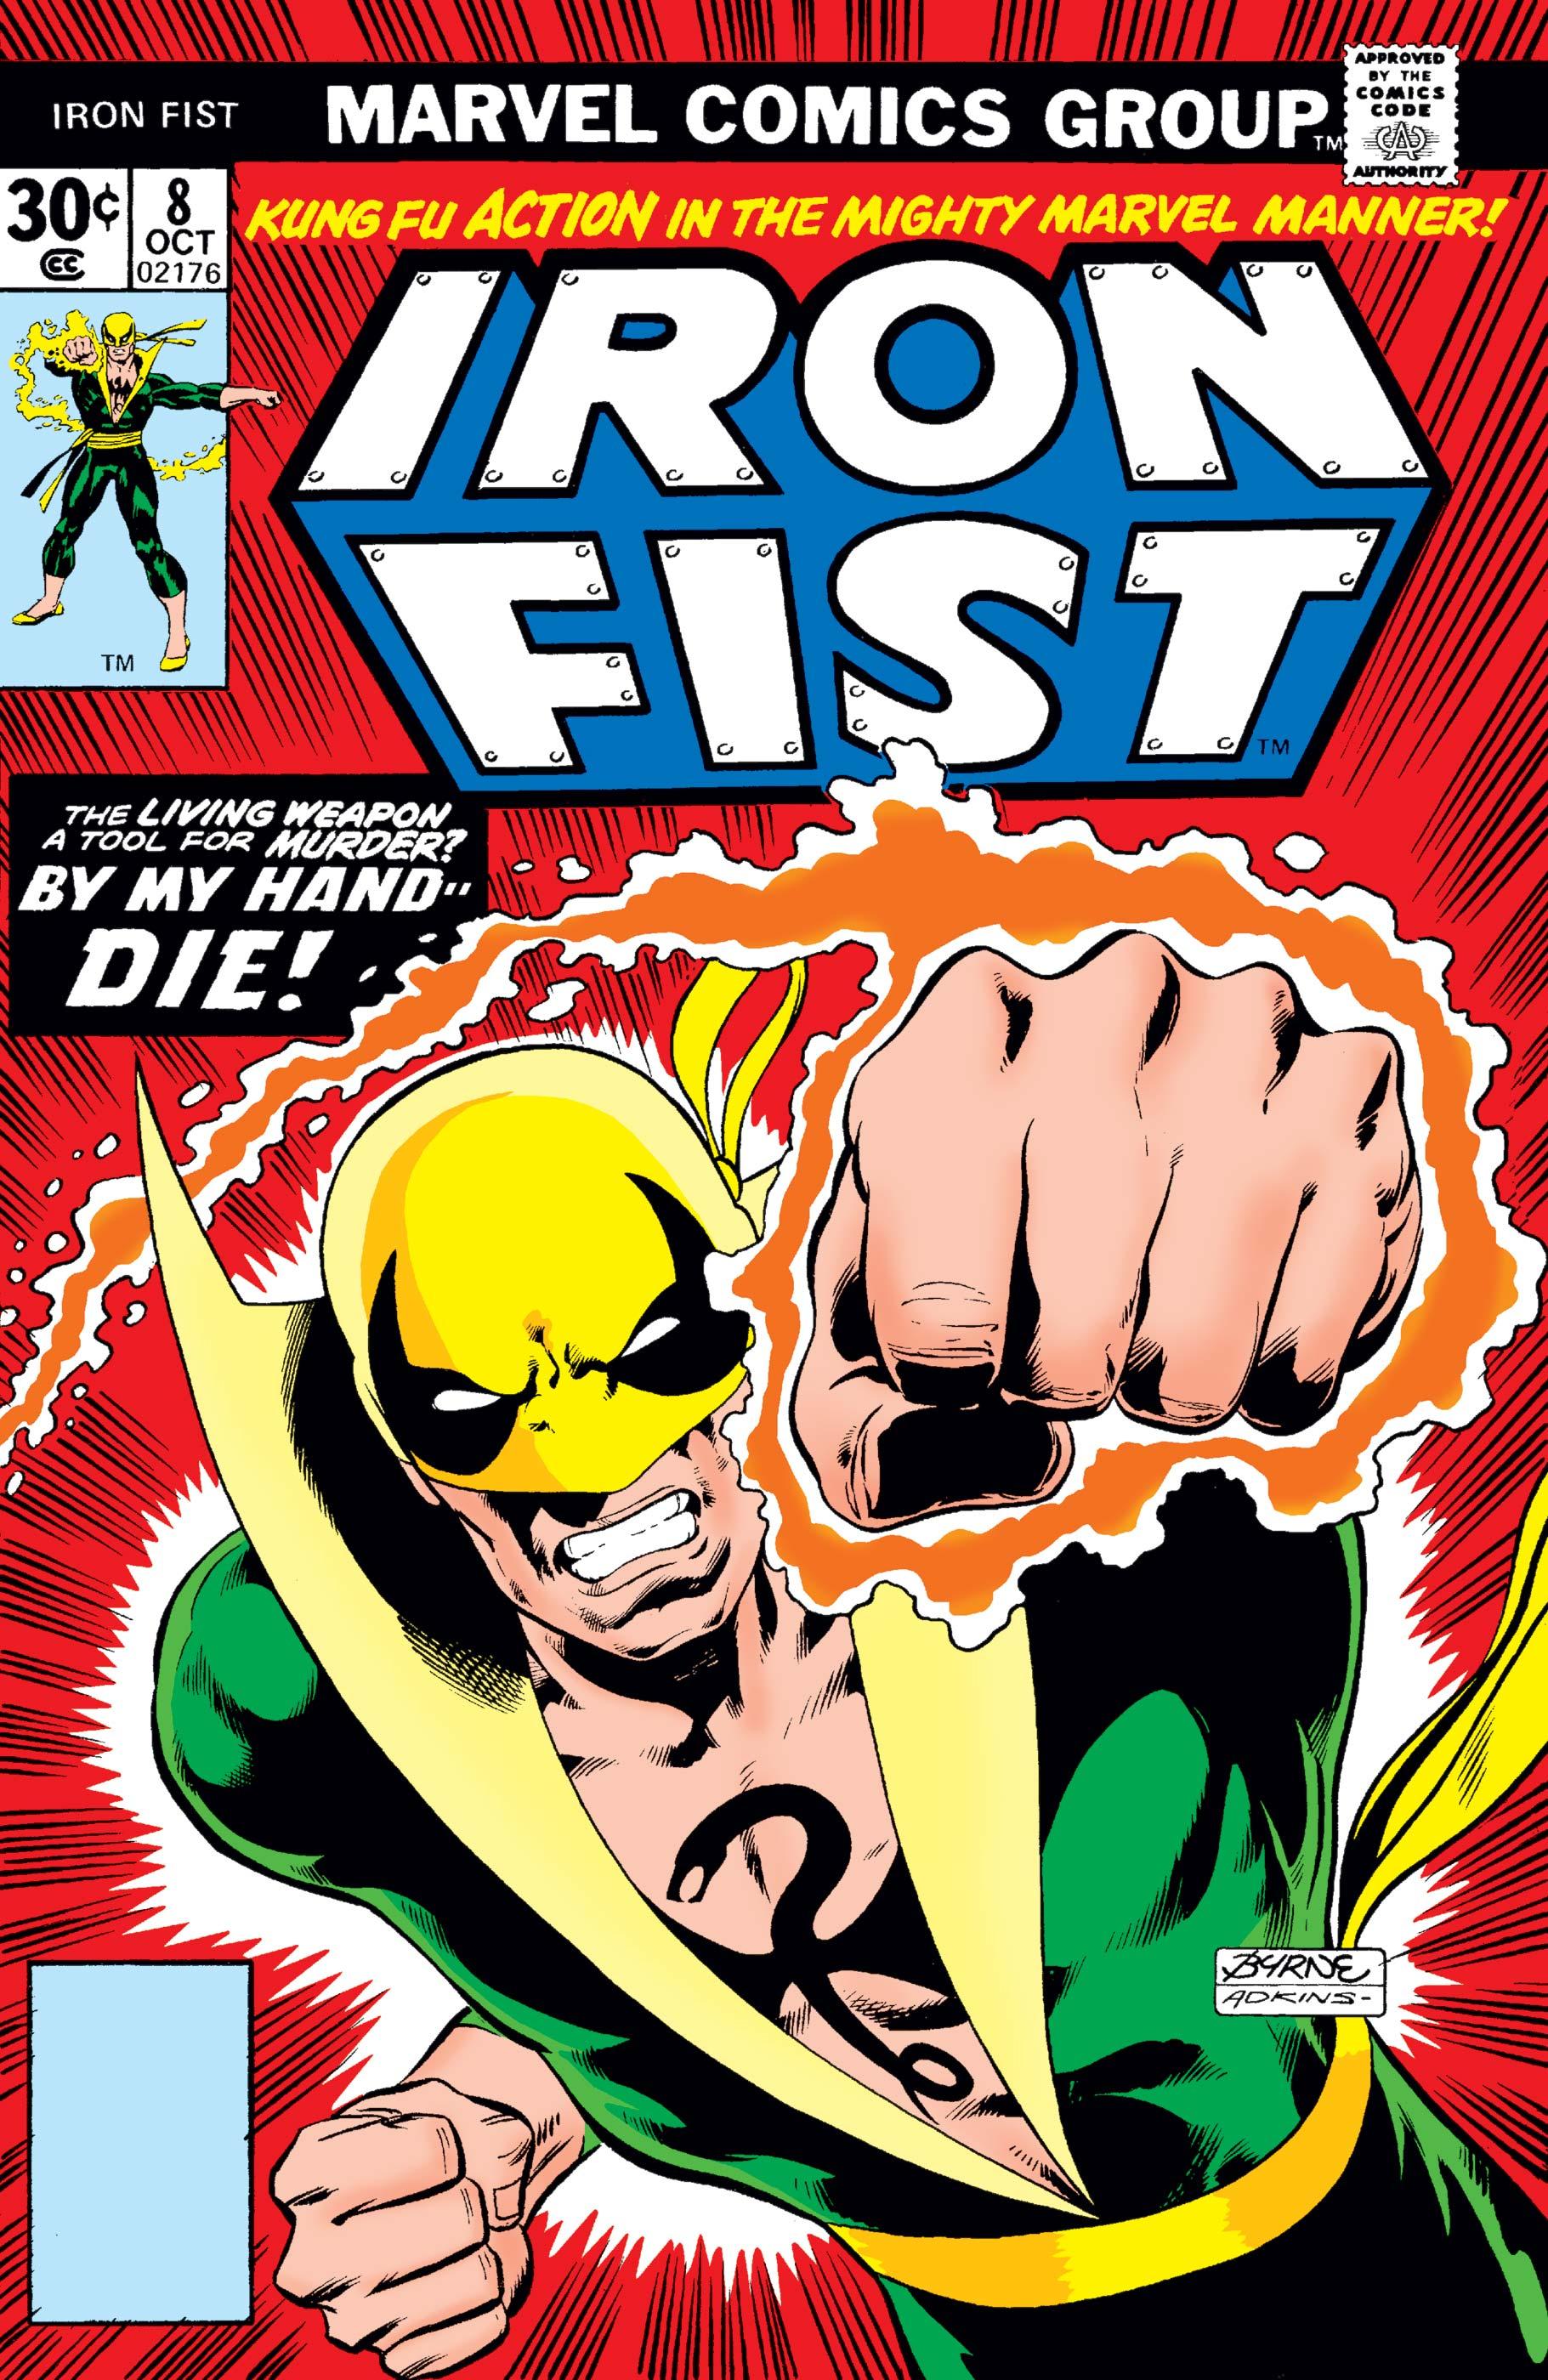 Iron Fist (1975) #8